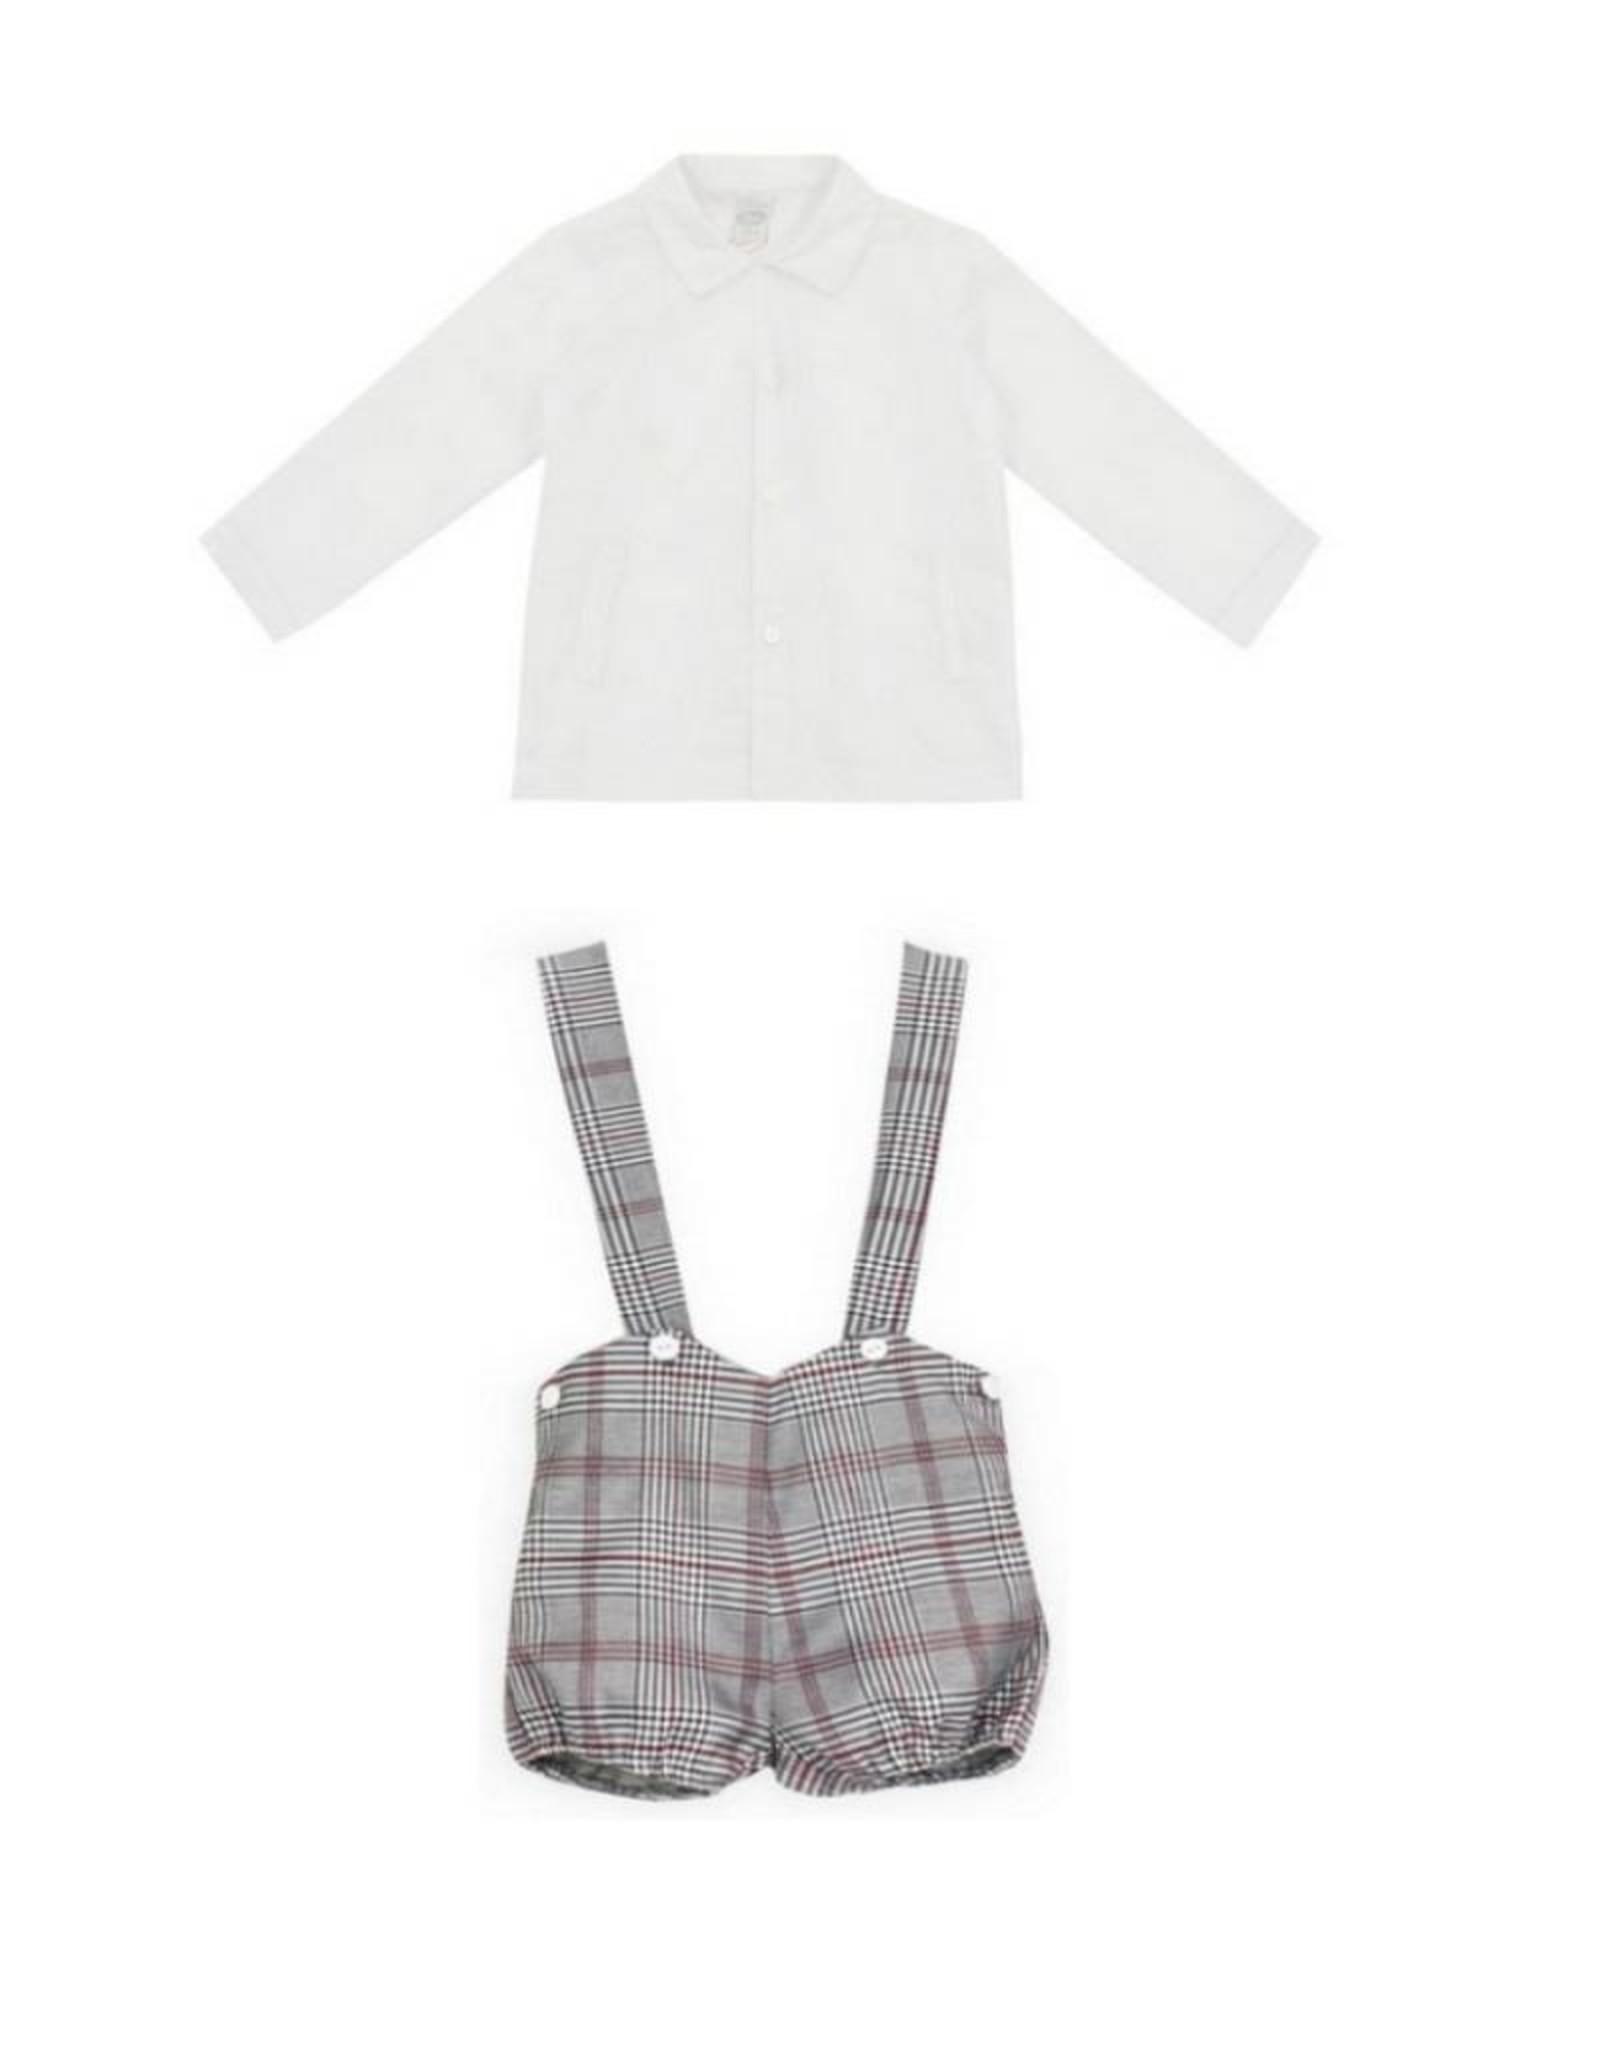 DADATI  Boys White Shirt  & Checked Shorts